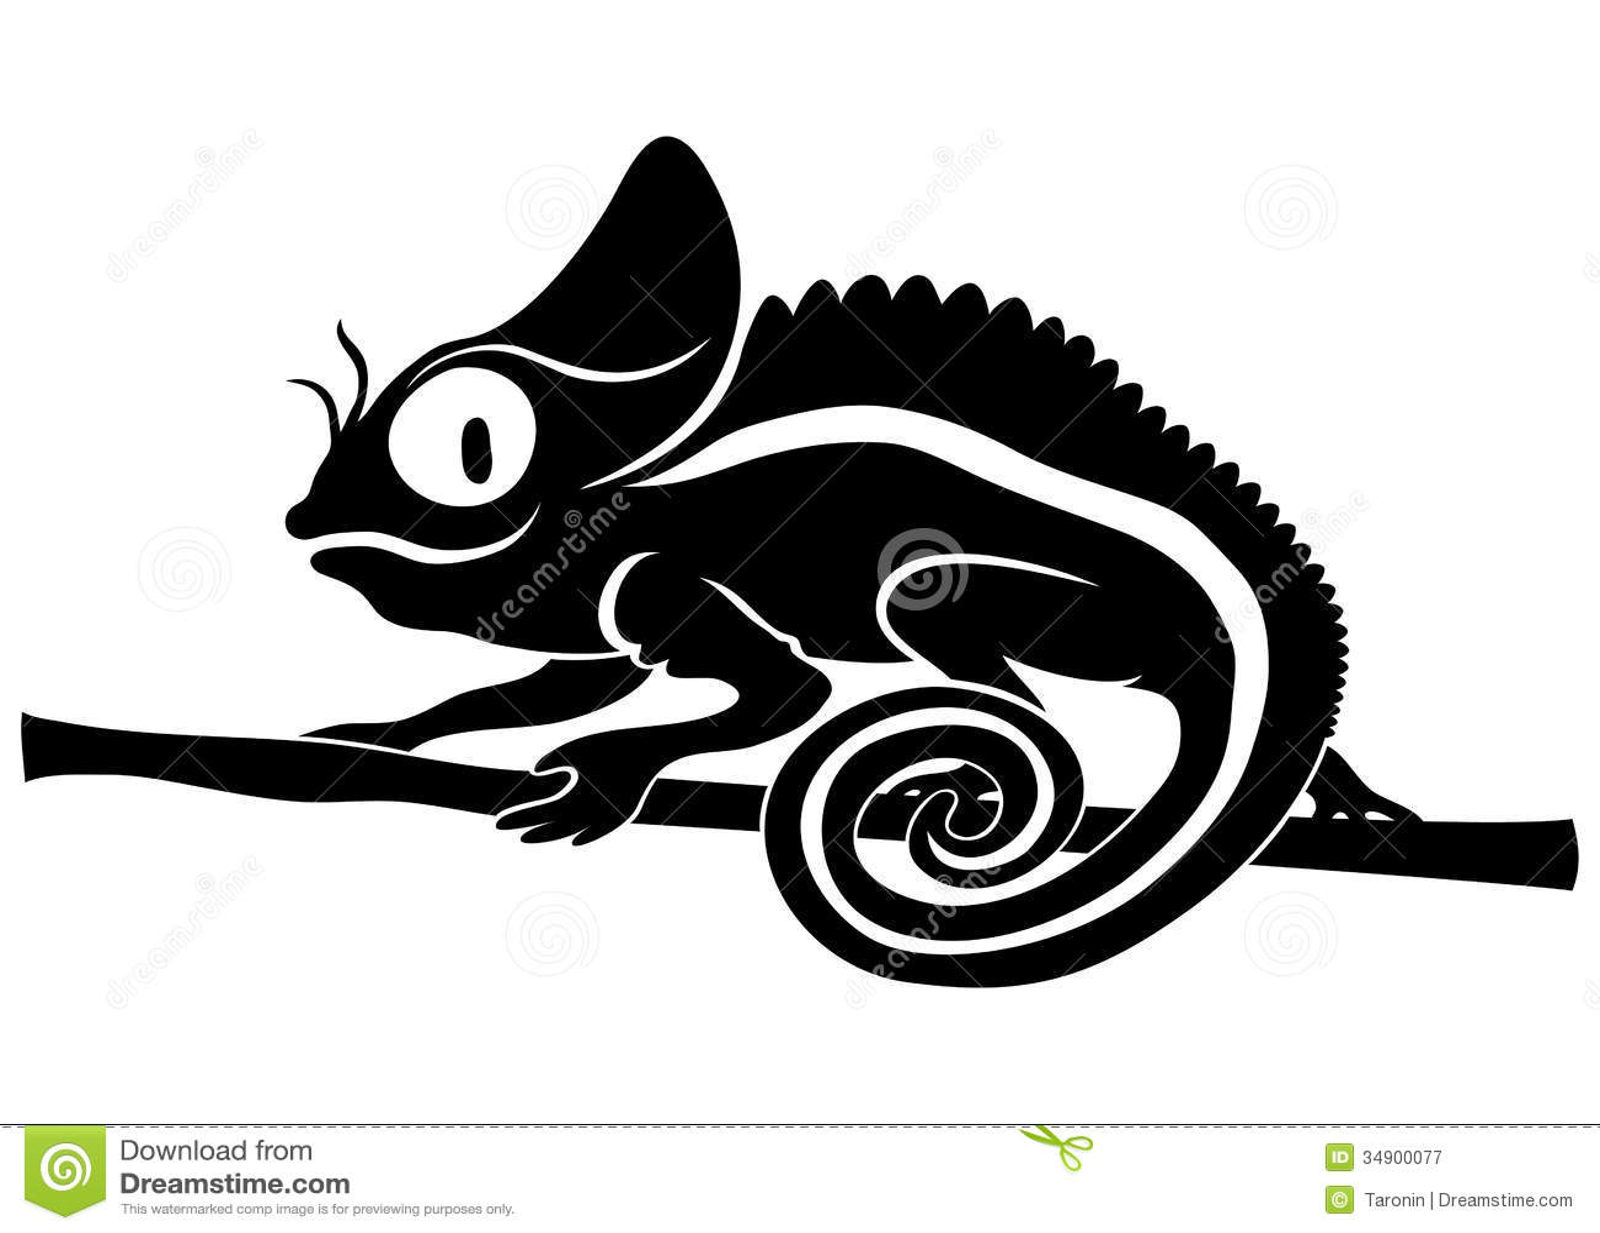 Animal sign. Chameleon. stock vector. Illustration of ...